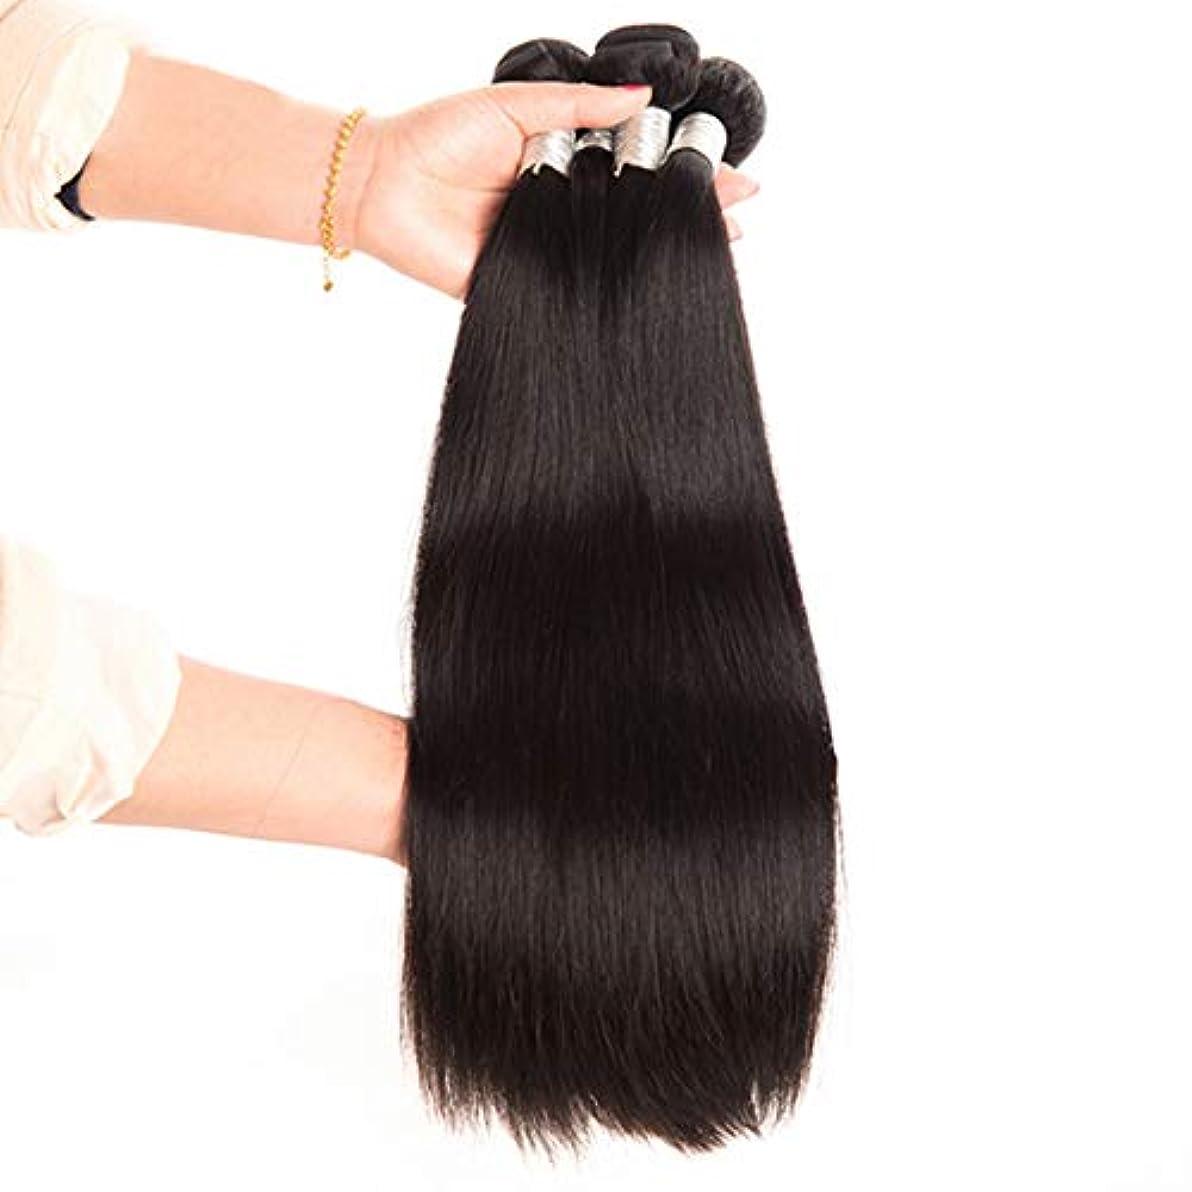 ラジウム保守的容器100%のremyブラジルの人間の毛髪未処理の自然な髪を編むことができます二重よこ糸人間の髪織りエクステンションシルキーストレートヘア